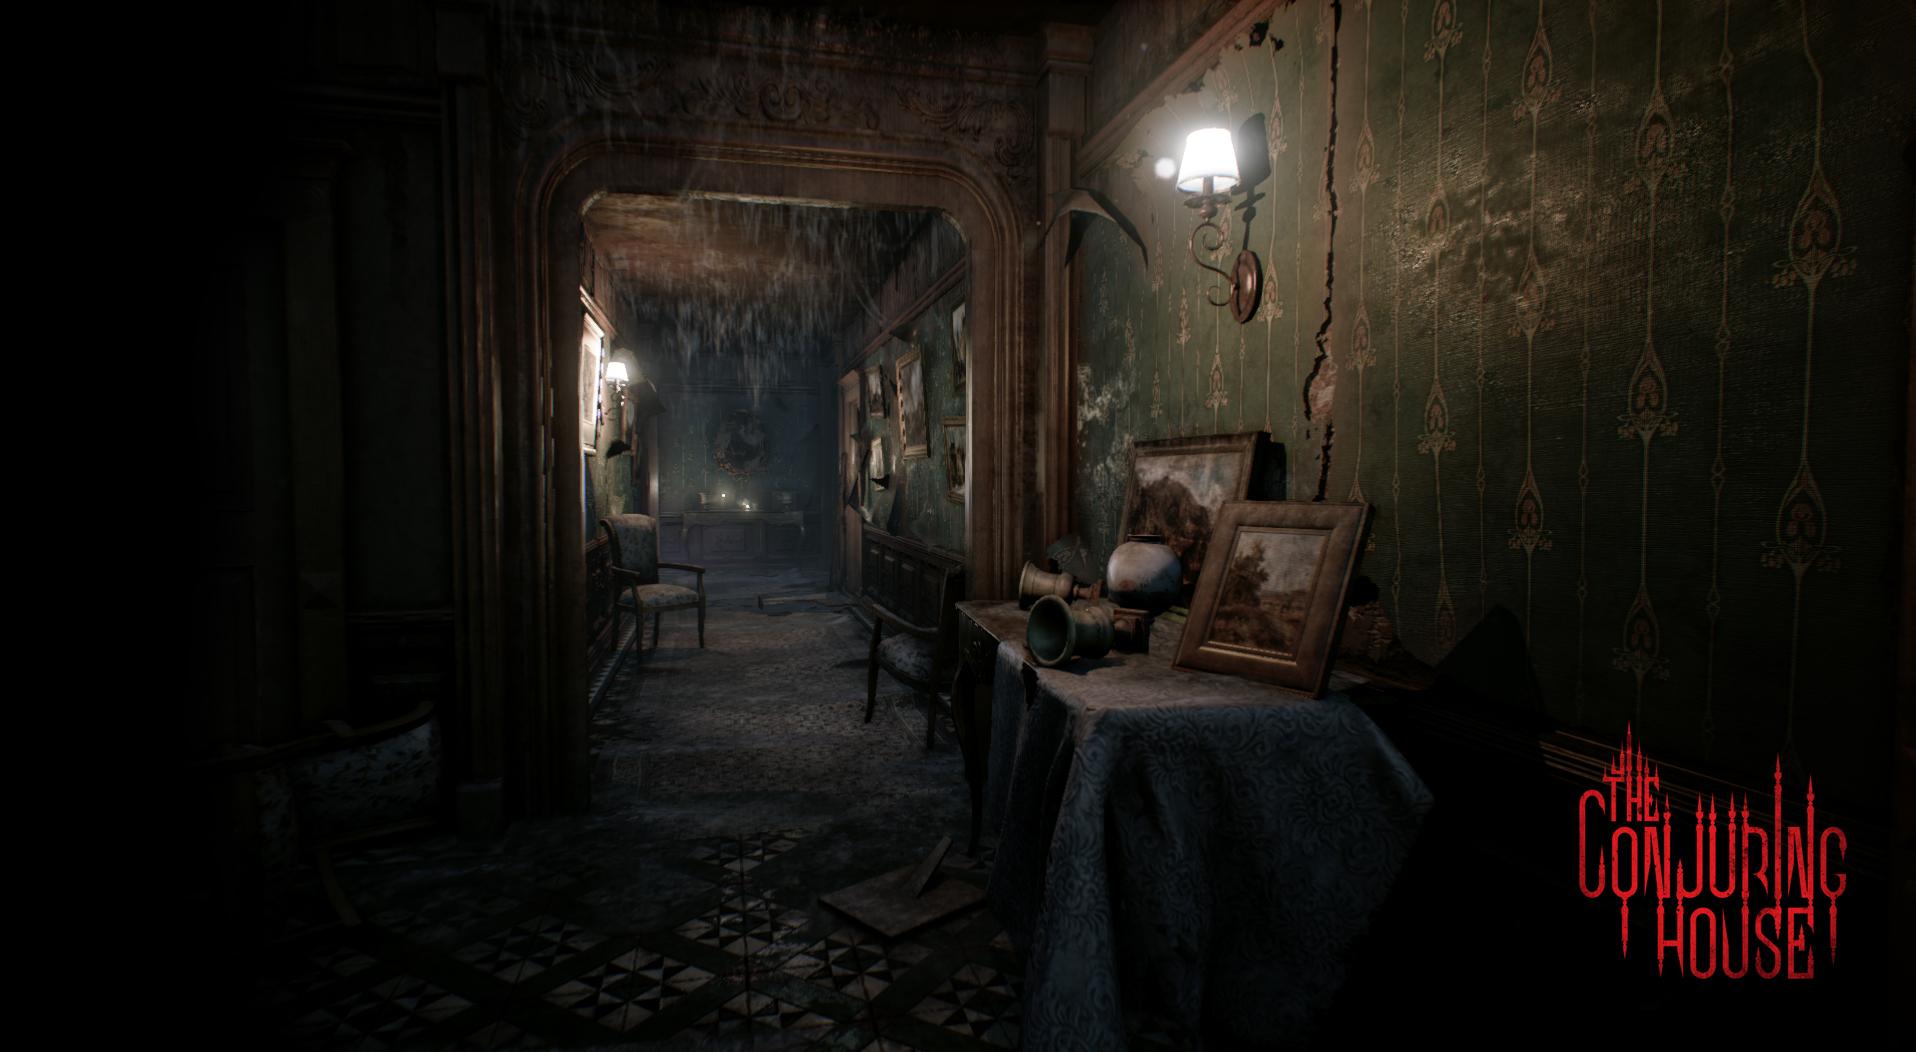 The Conjuring House, terror en una mansión maldita